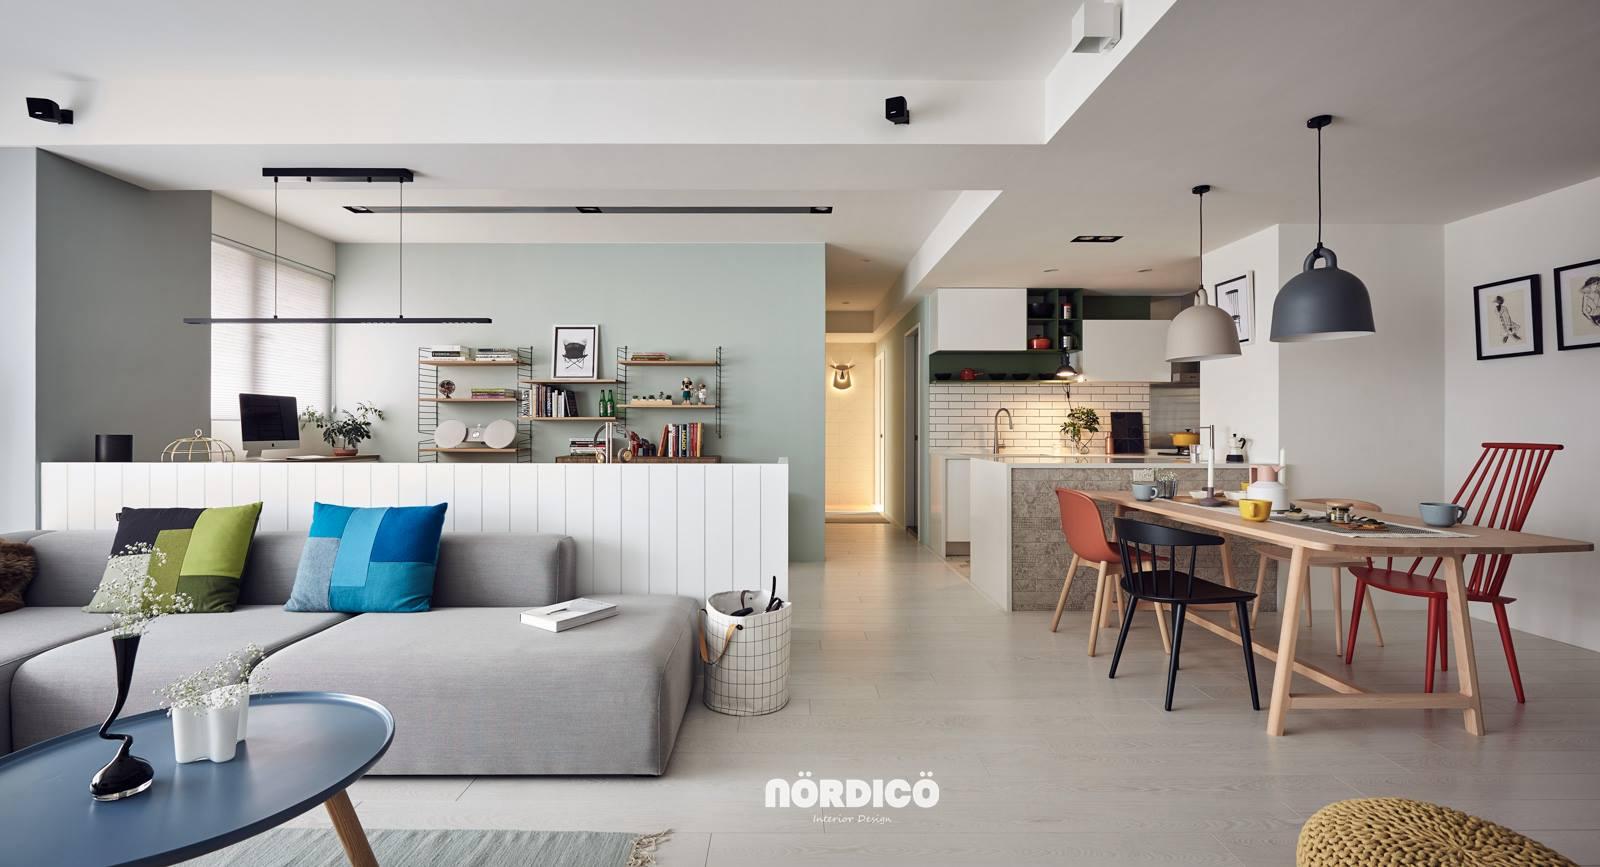 Interior Decoration Articles